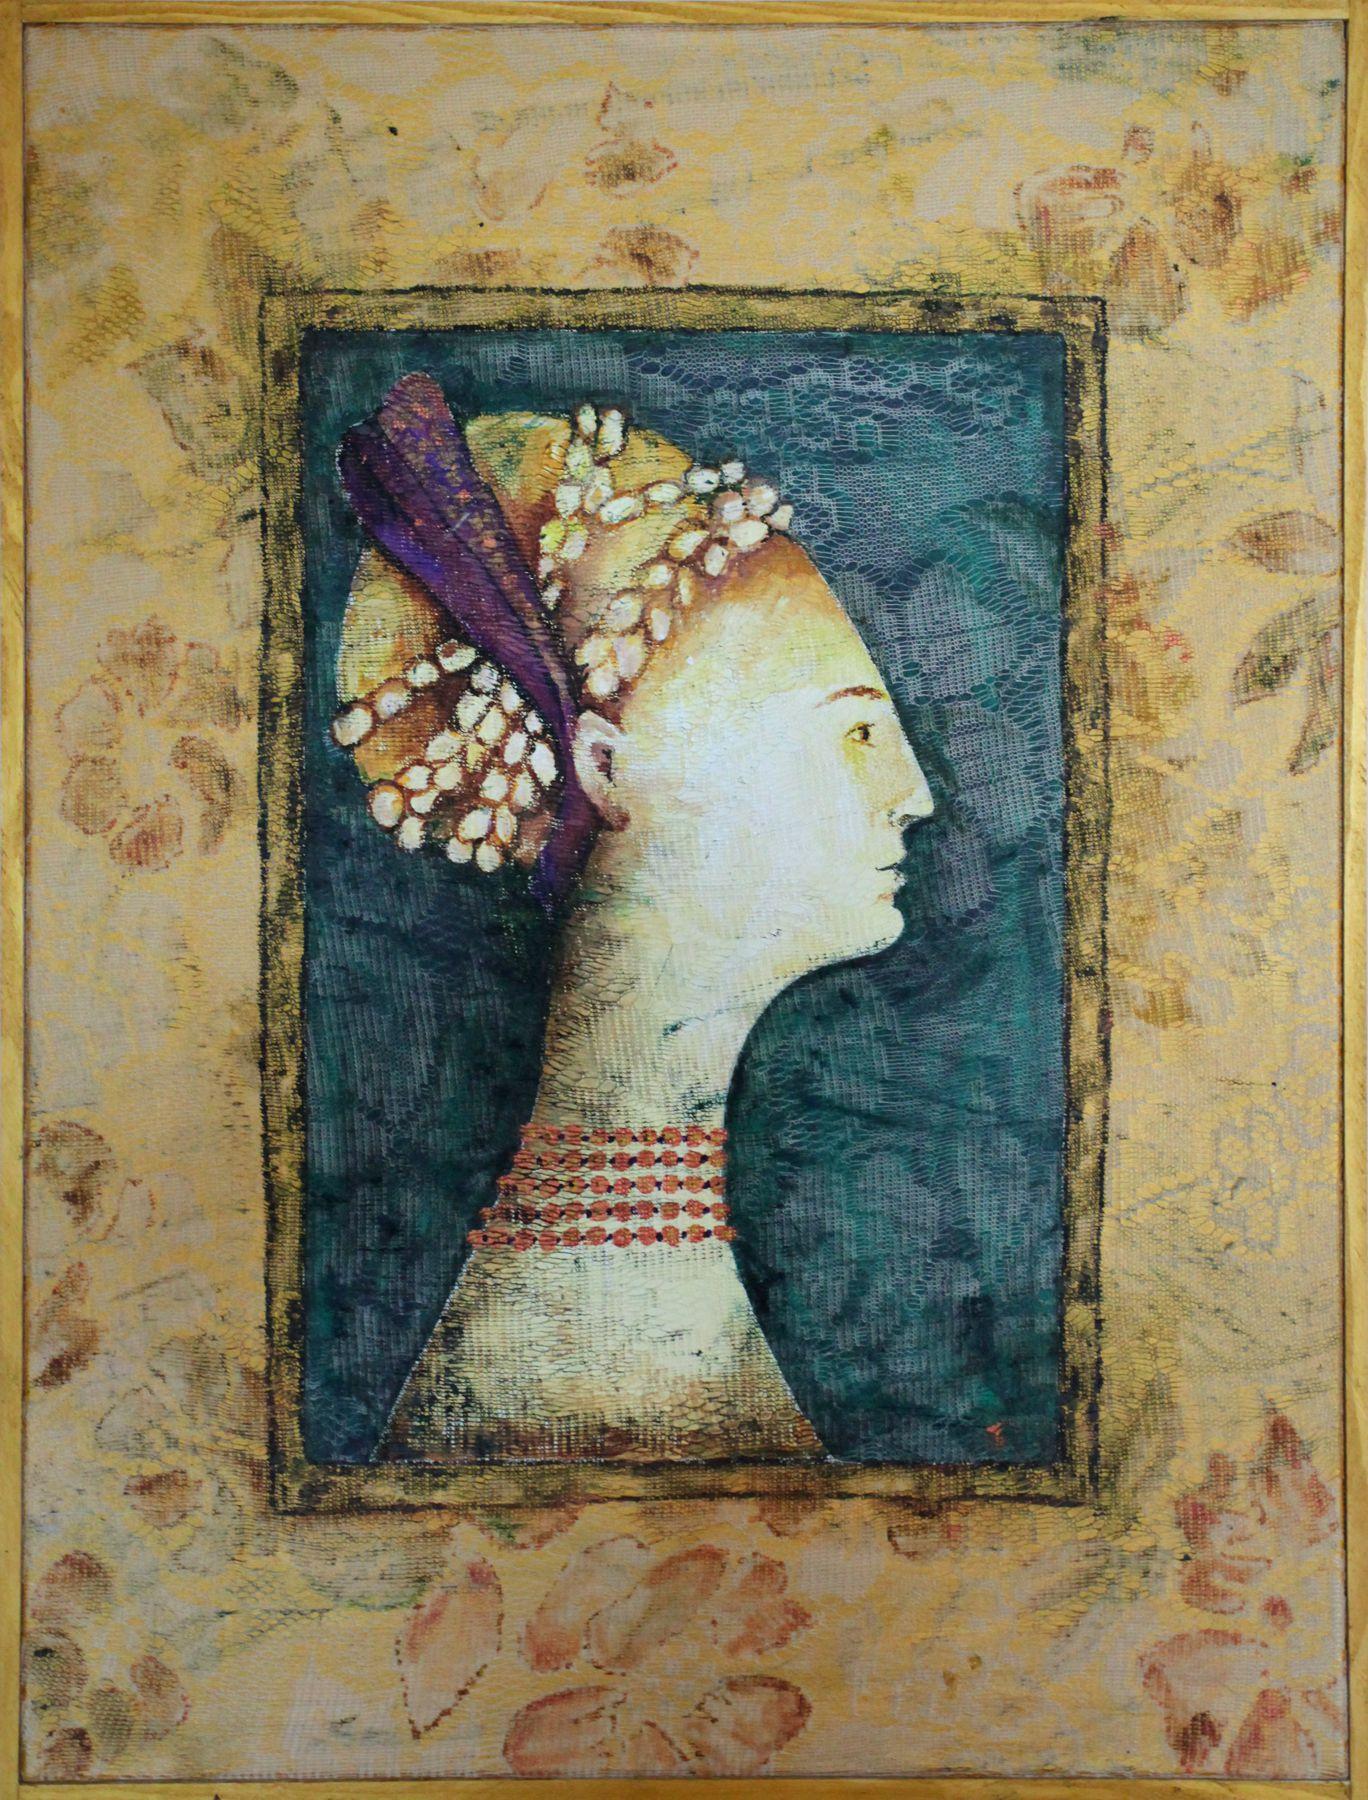 Mgr. Art. Miriam Kavuličová Tomašiaková – nová autorka v našej galérii